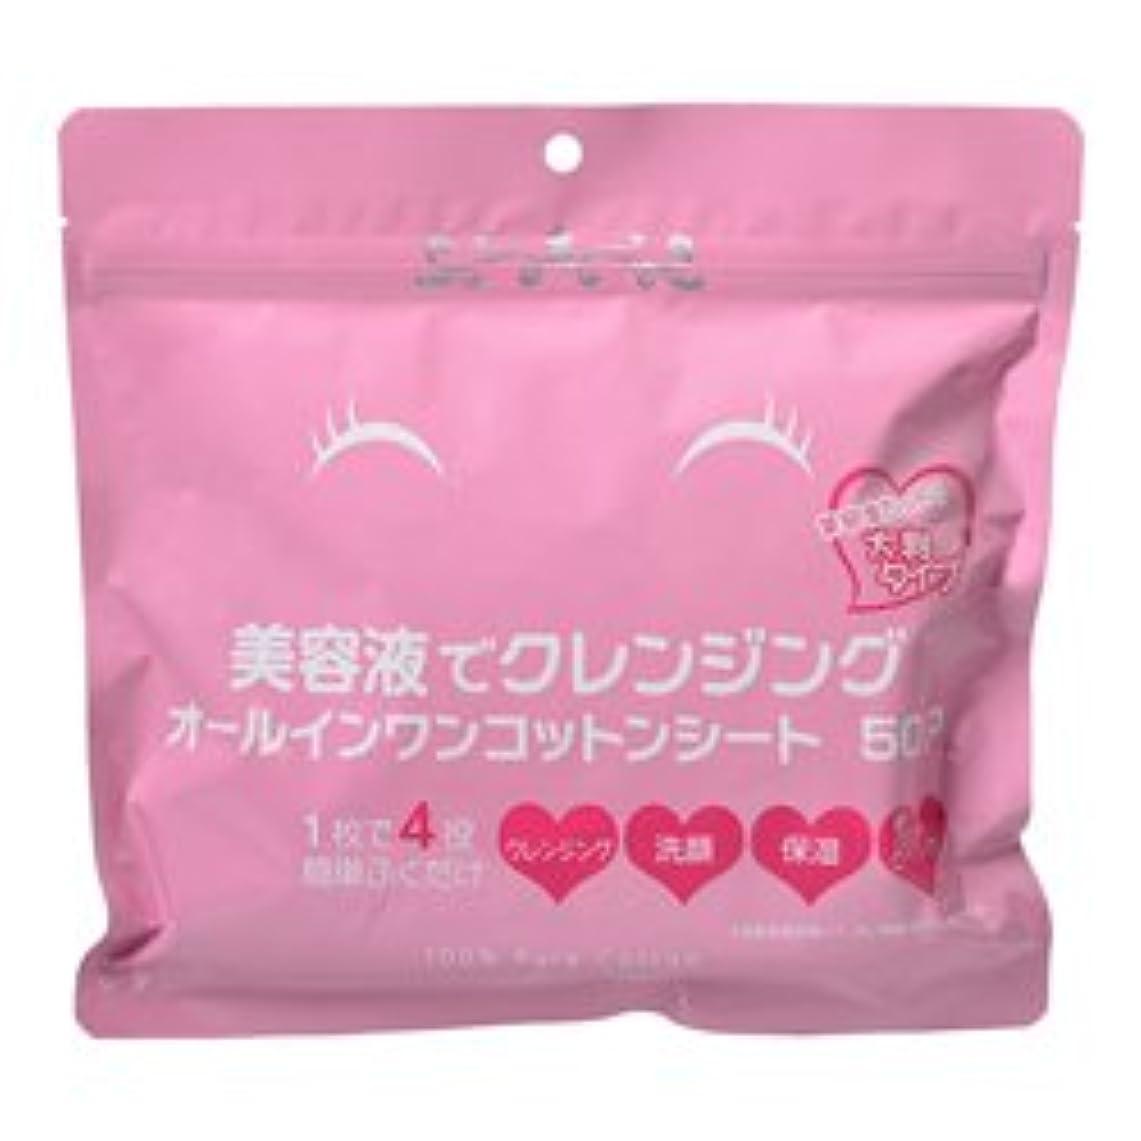 ベース適合する熱帯の【Stay Free】美容液でクレンジング オールインシート 50枚 ×5個セット